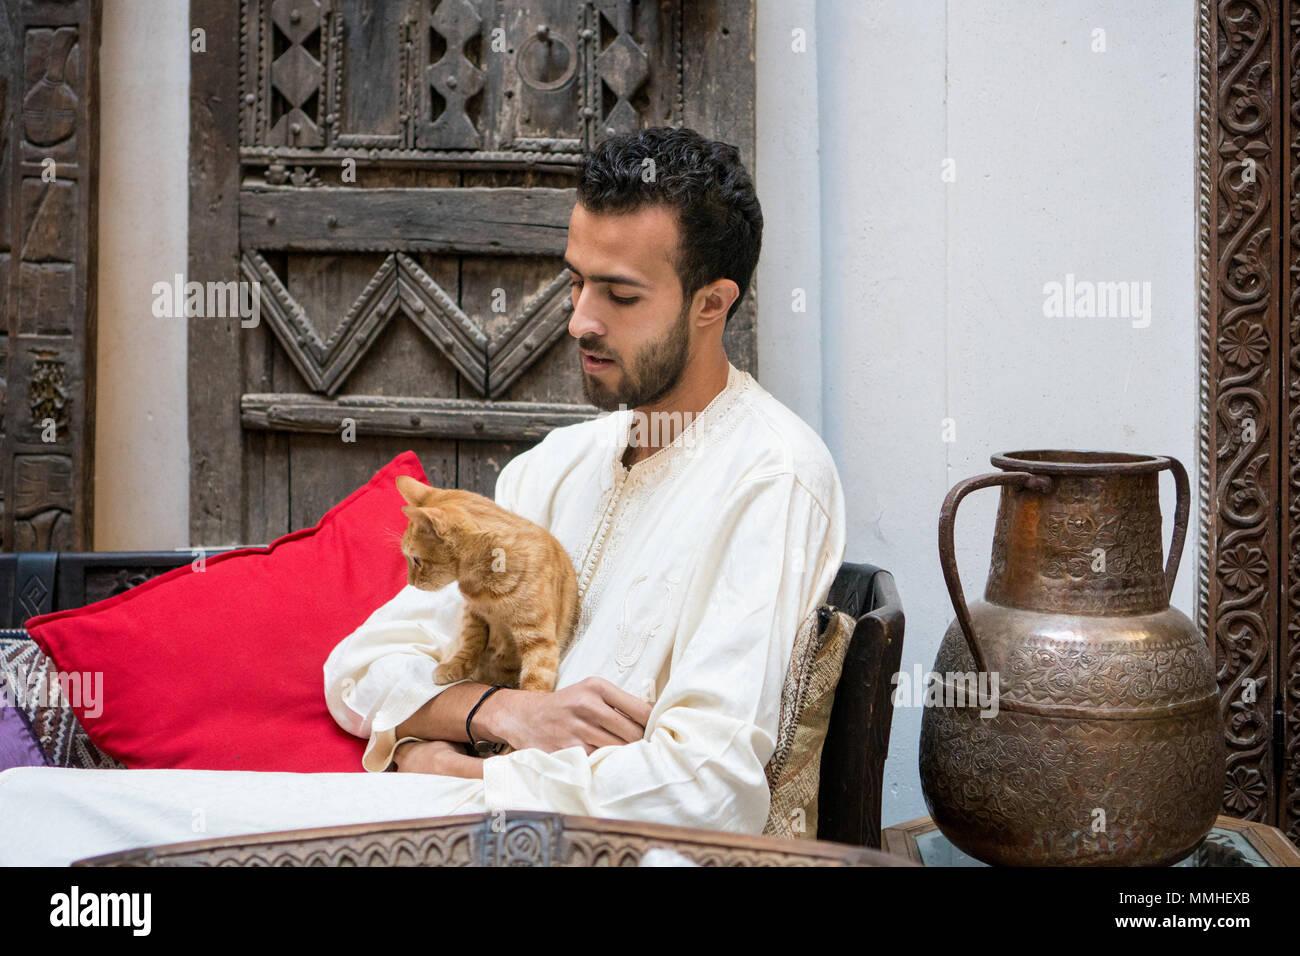 Junge muslimische Mann hält eine gelbe Katze vor einem geschmückten Wand Stockbild